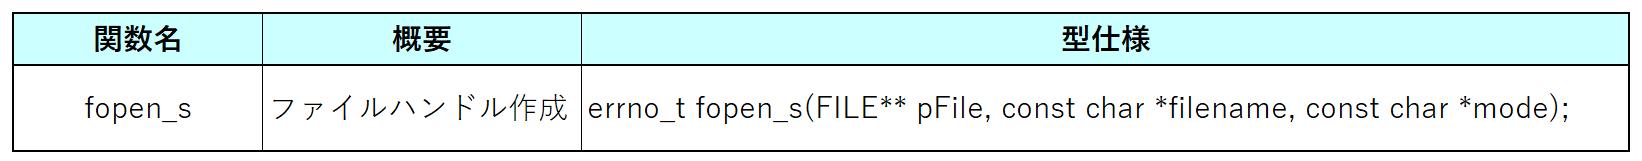 fopen_s